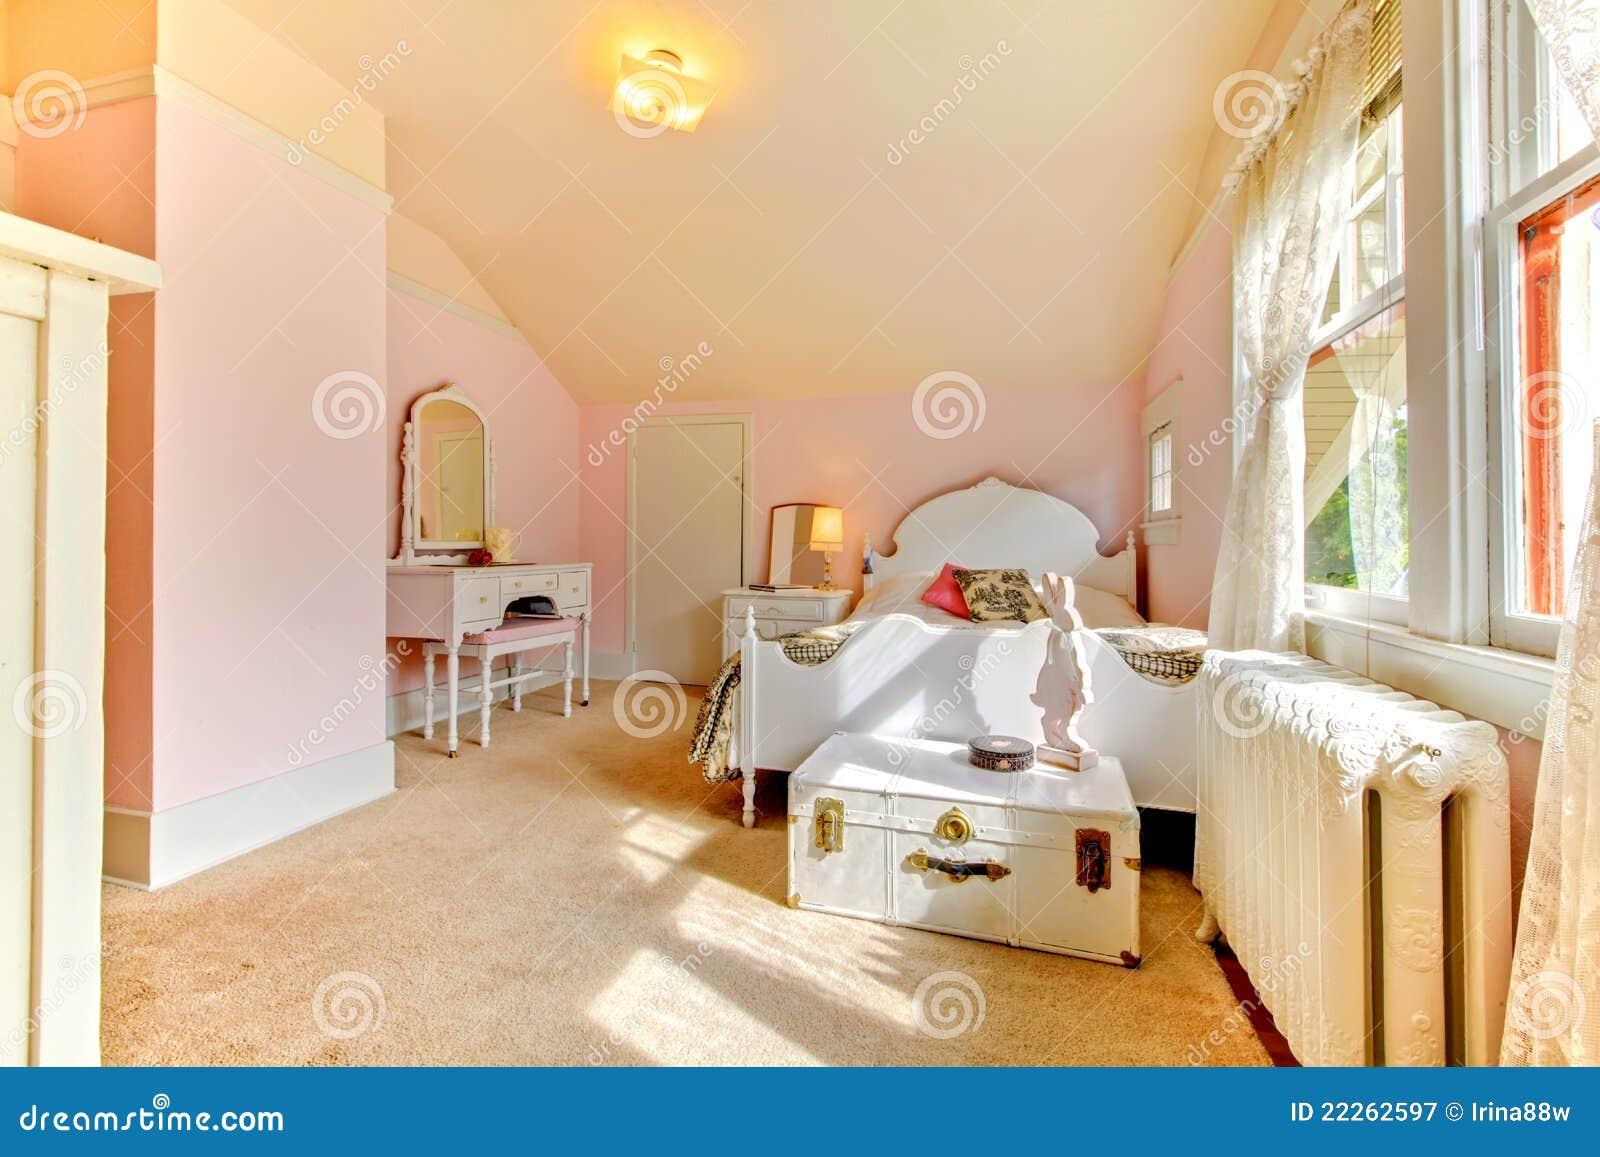 Slaapkamer Lamp Roze : Roze slaapkamer lamp roze slaapkamer met wit bed en nightstand